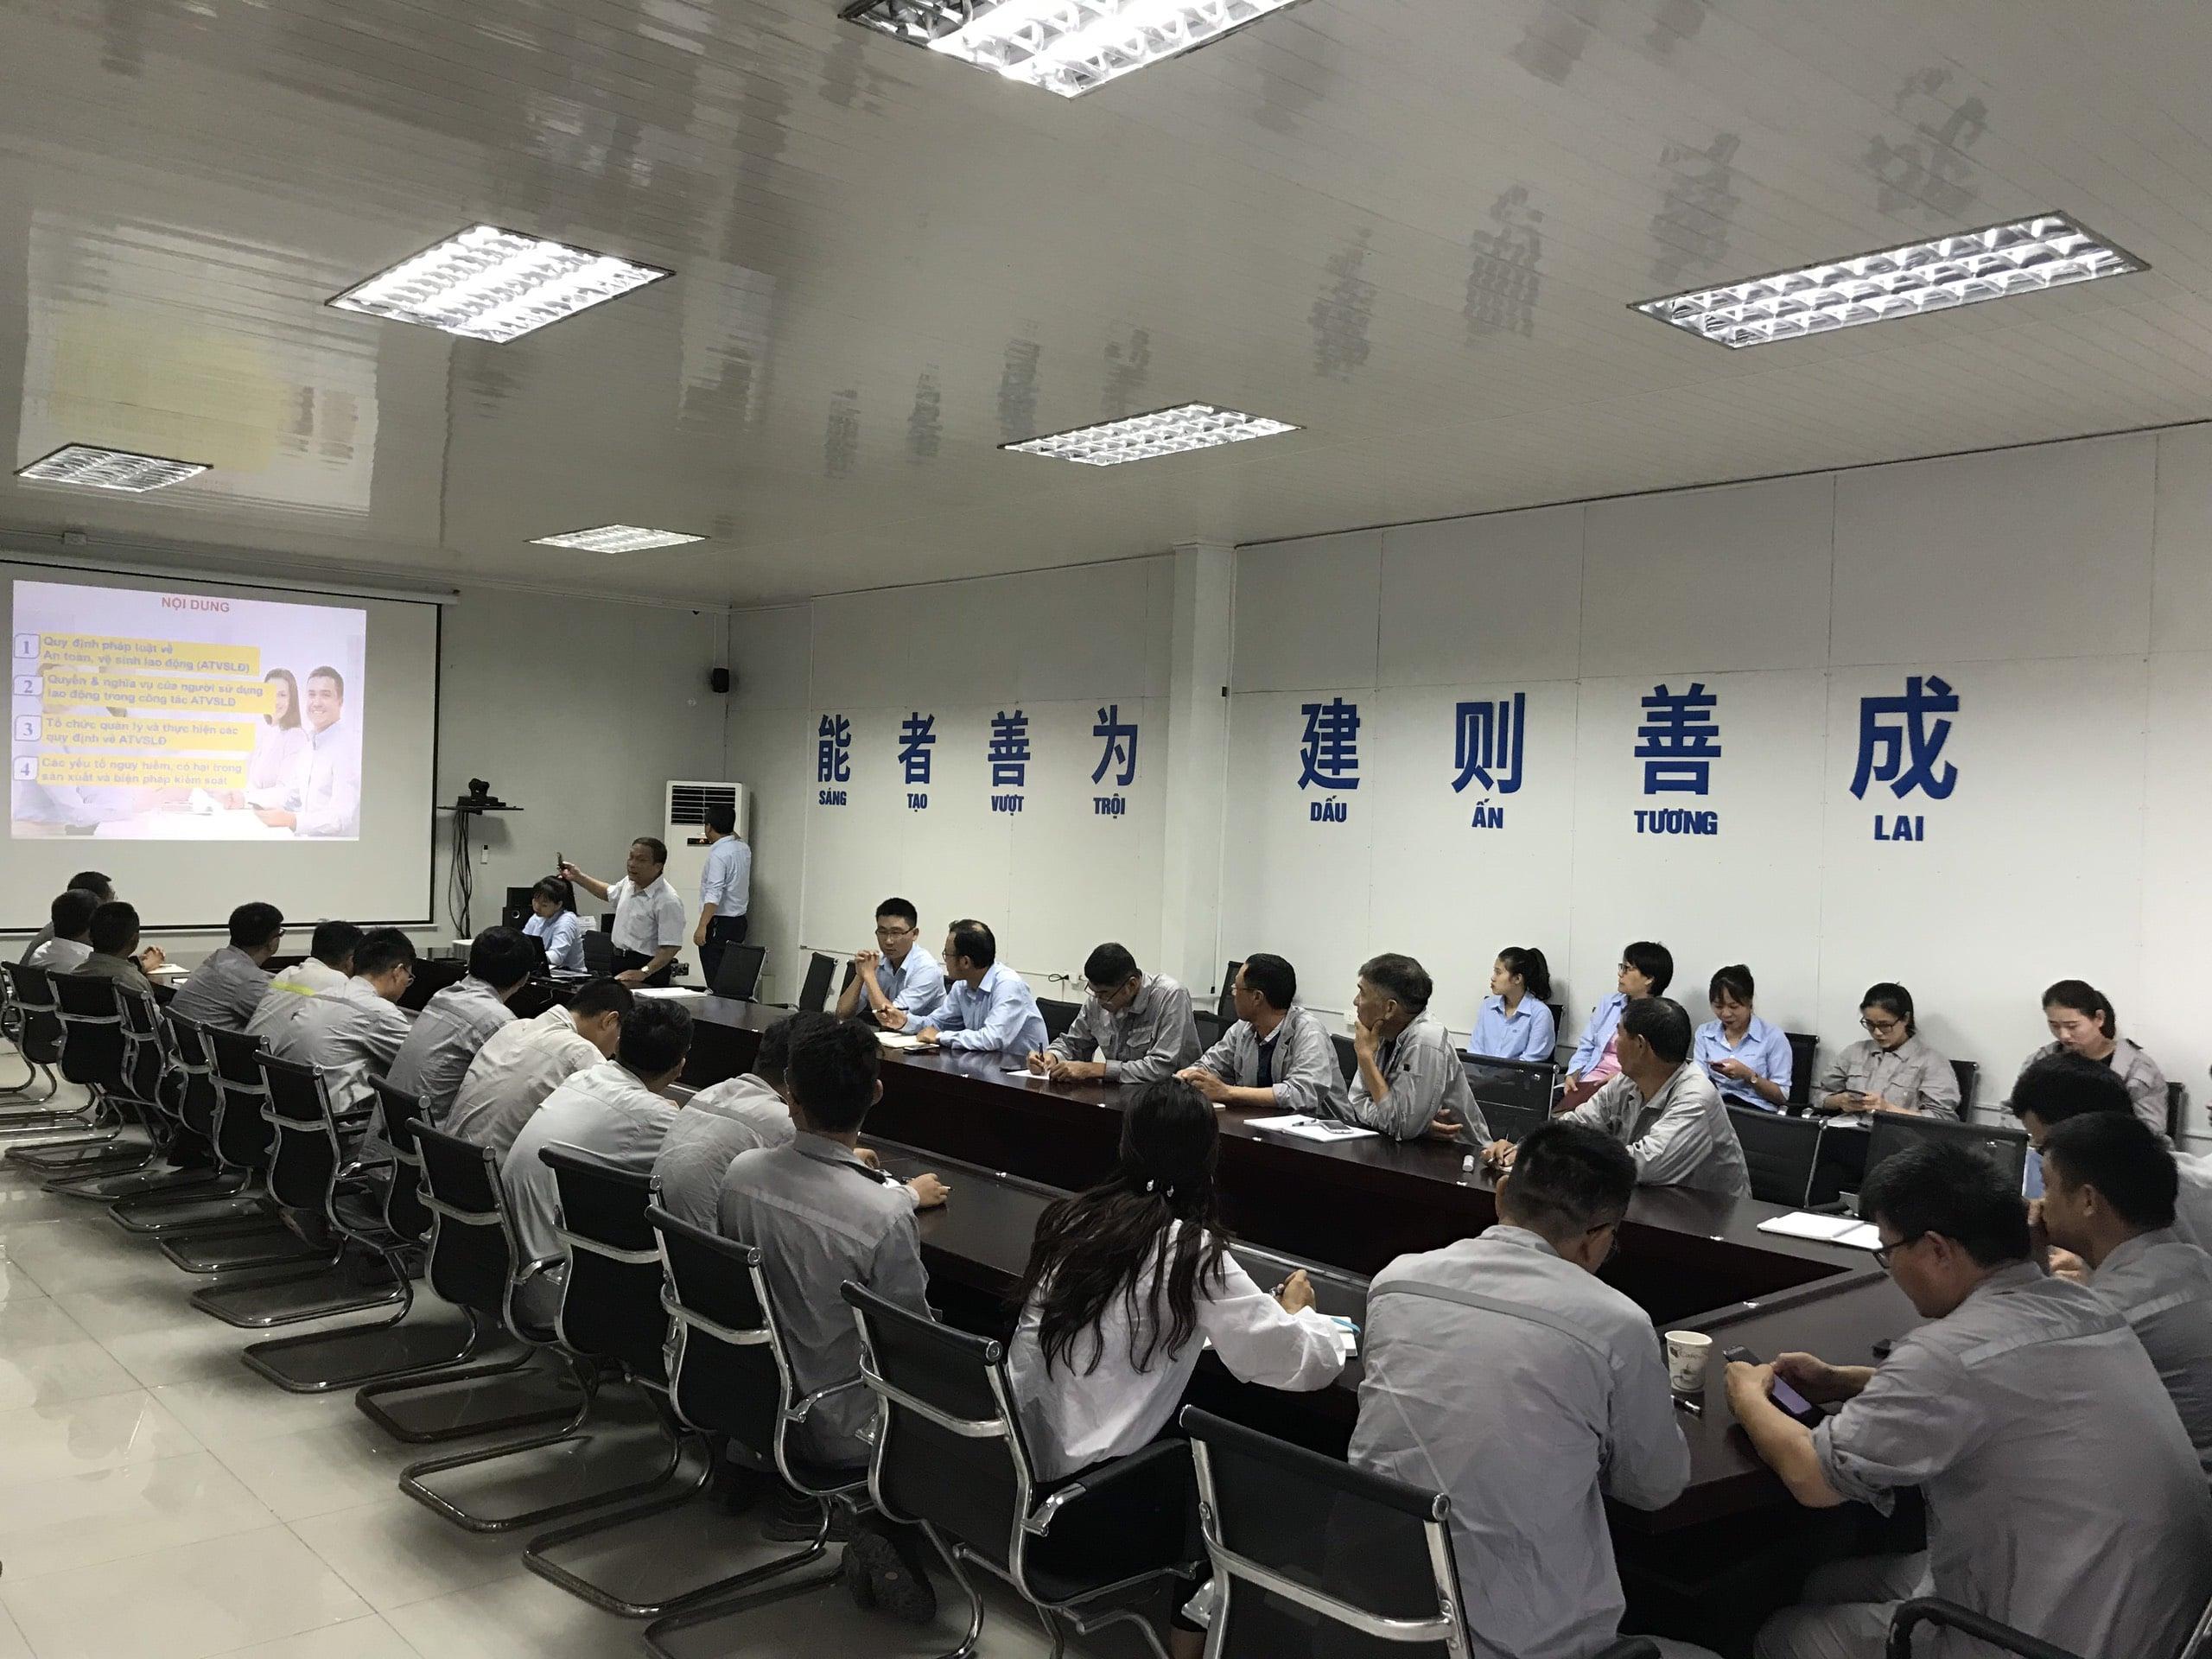 Huấn luyện an toàn, vệ sinh lao động tại Nhà máy Nhiệt điện Hải Dương năm 2019